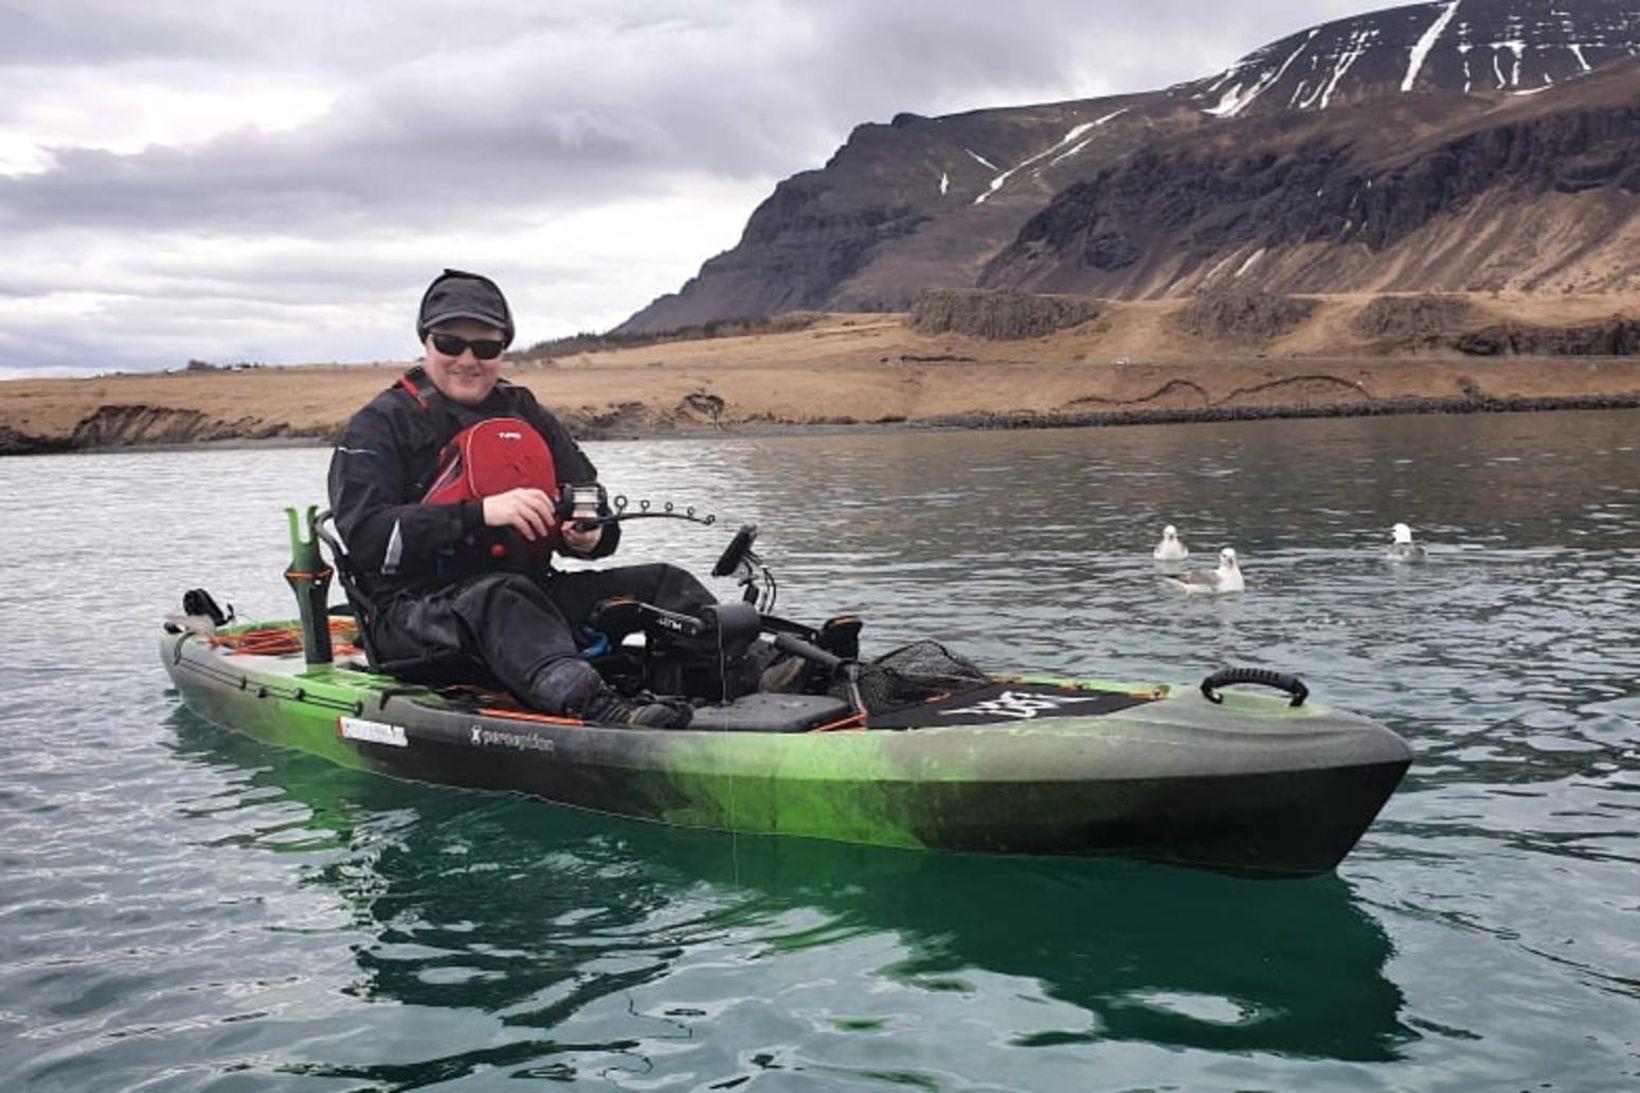 Baldur Guðmundsson segir kajakinn gefa sér mikla möguleika, bæði á …